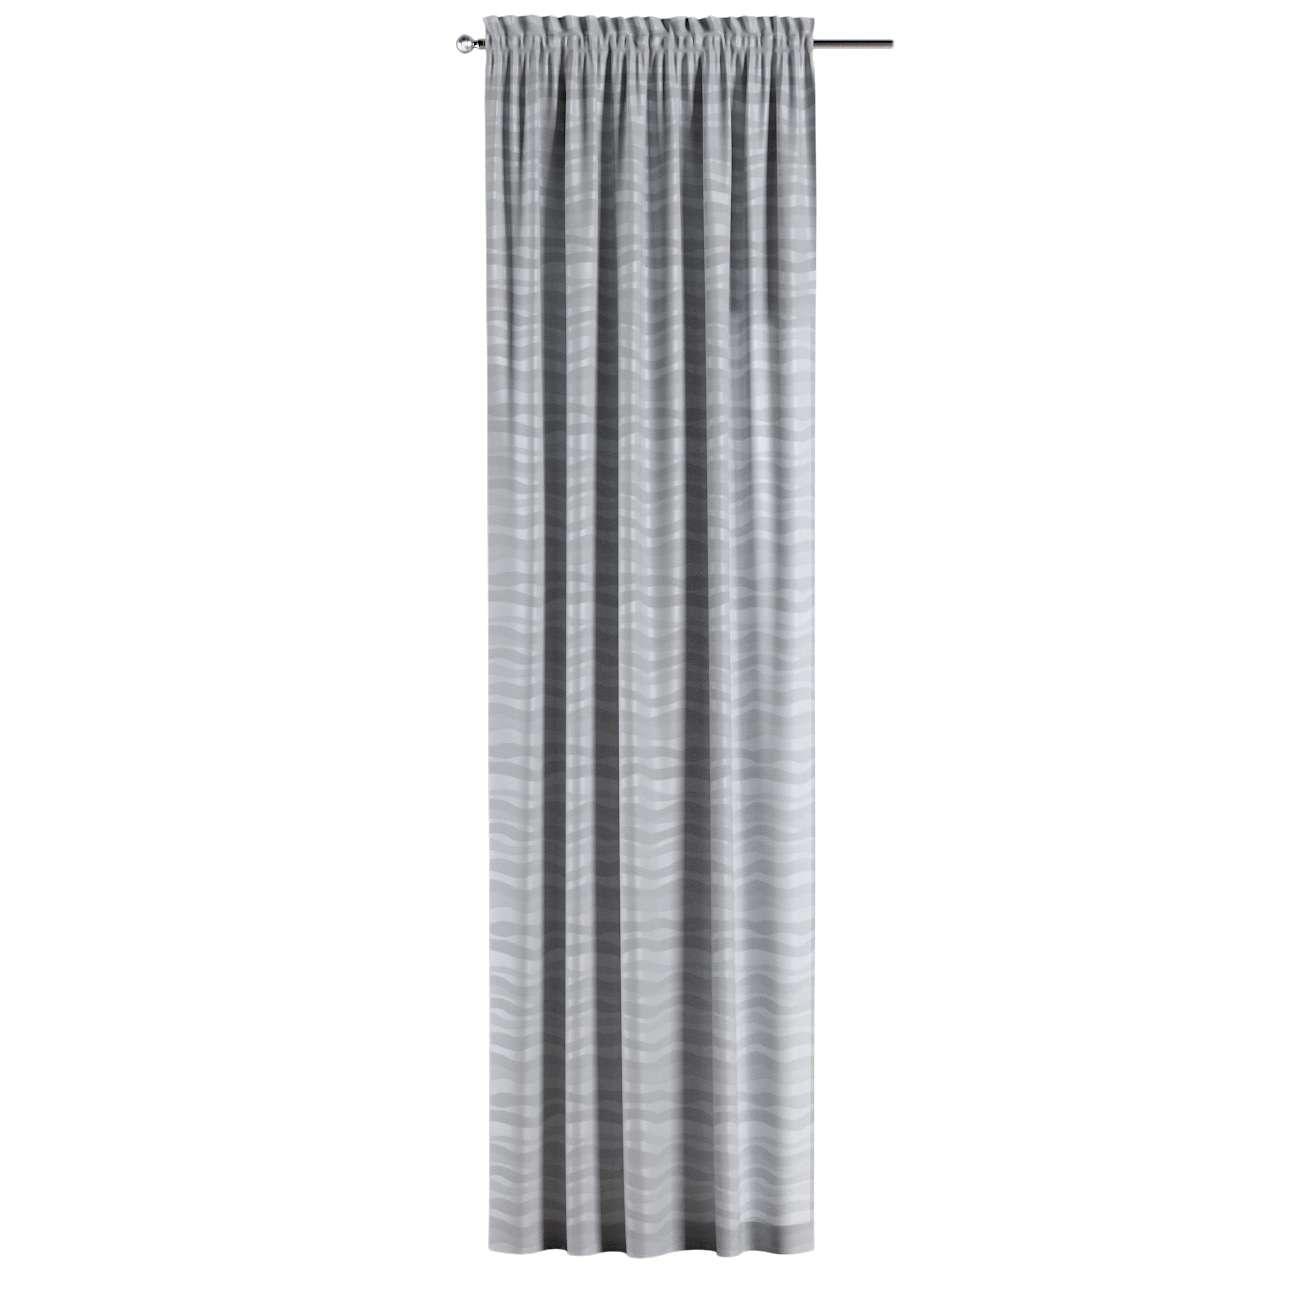 Gardin med kanal - Multiband 1 längd i kollektionen Damasco, Tyg: 141-72